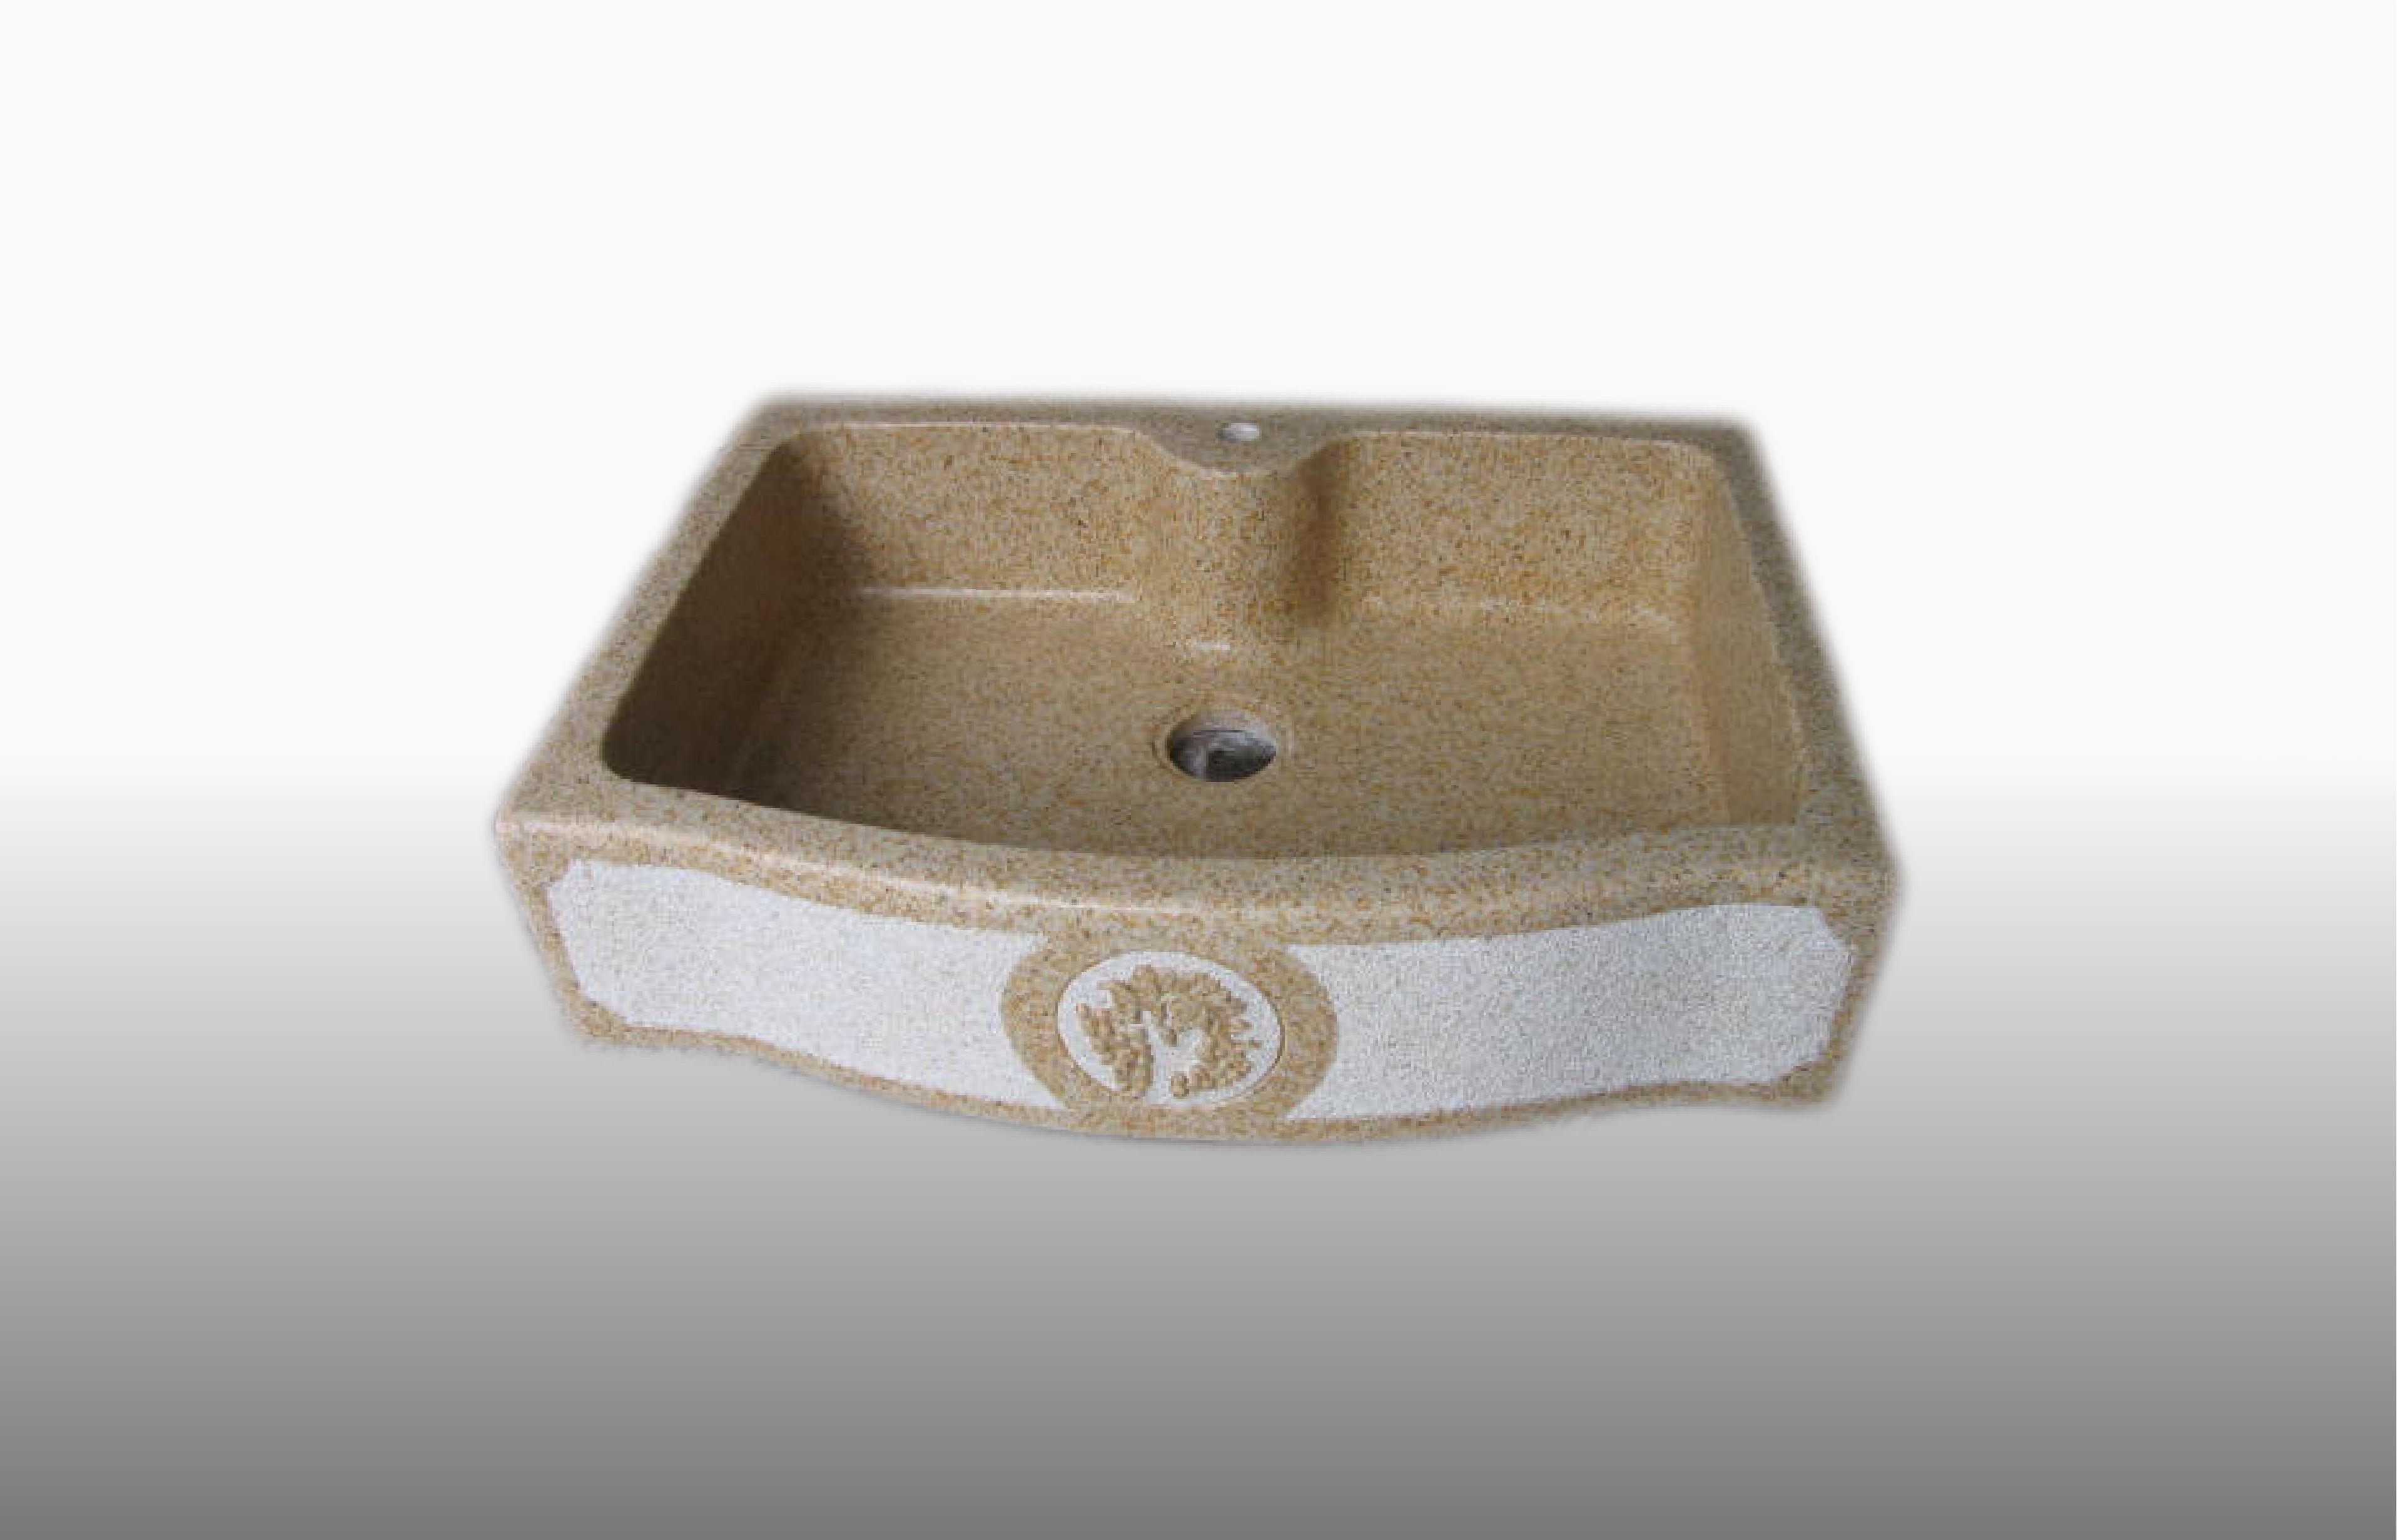 Lavello da appoggio in graniglia di marmo e resina con decoro - misura 60-65x90x21 cm  - prezzo 750,00 €